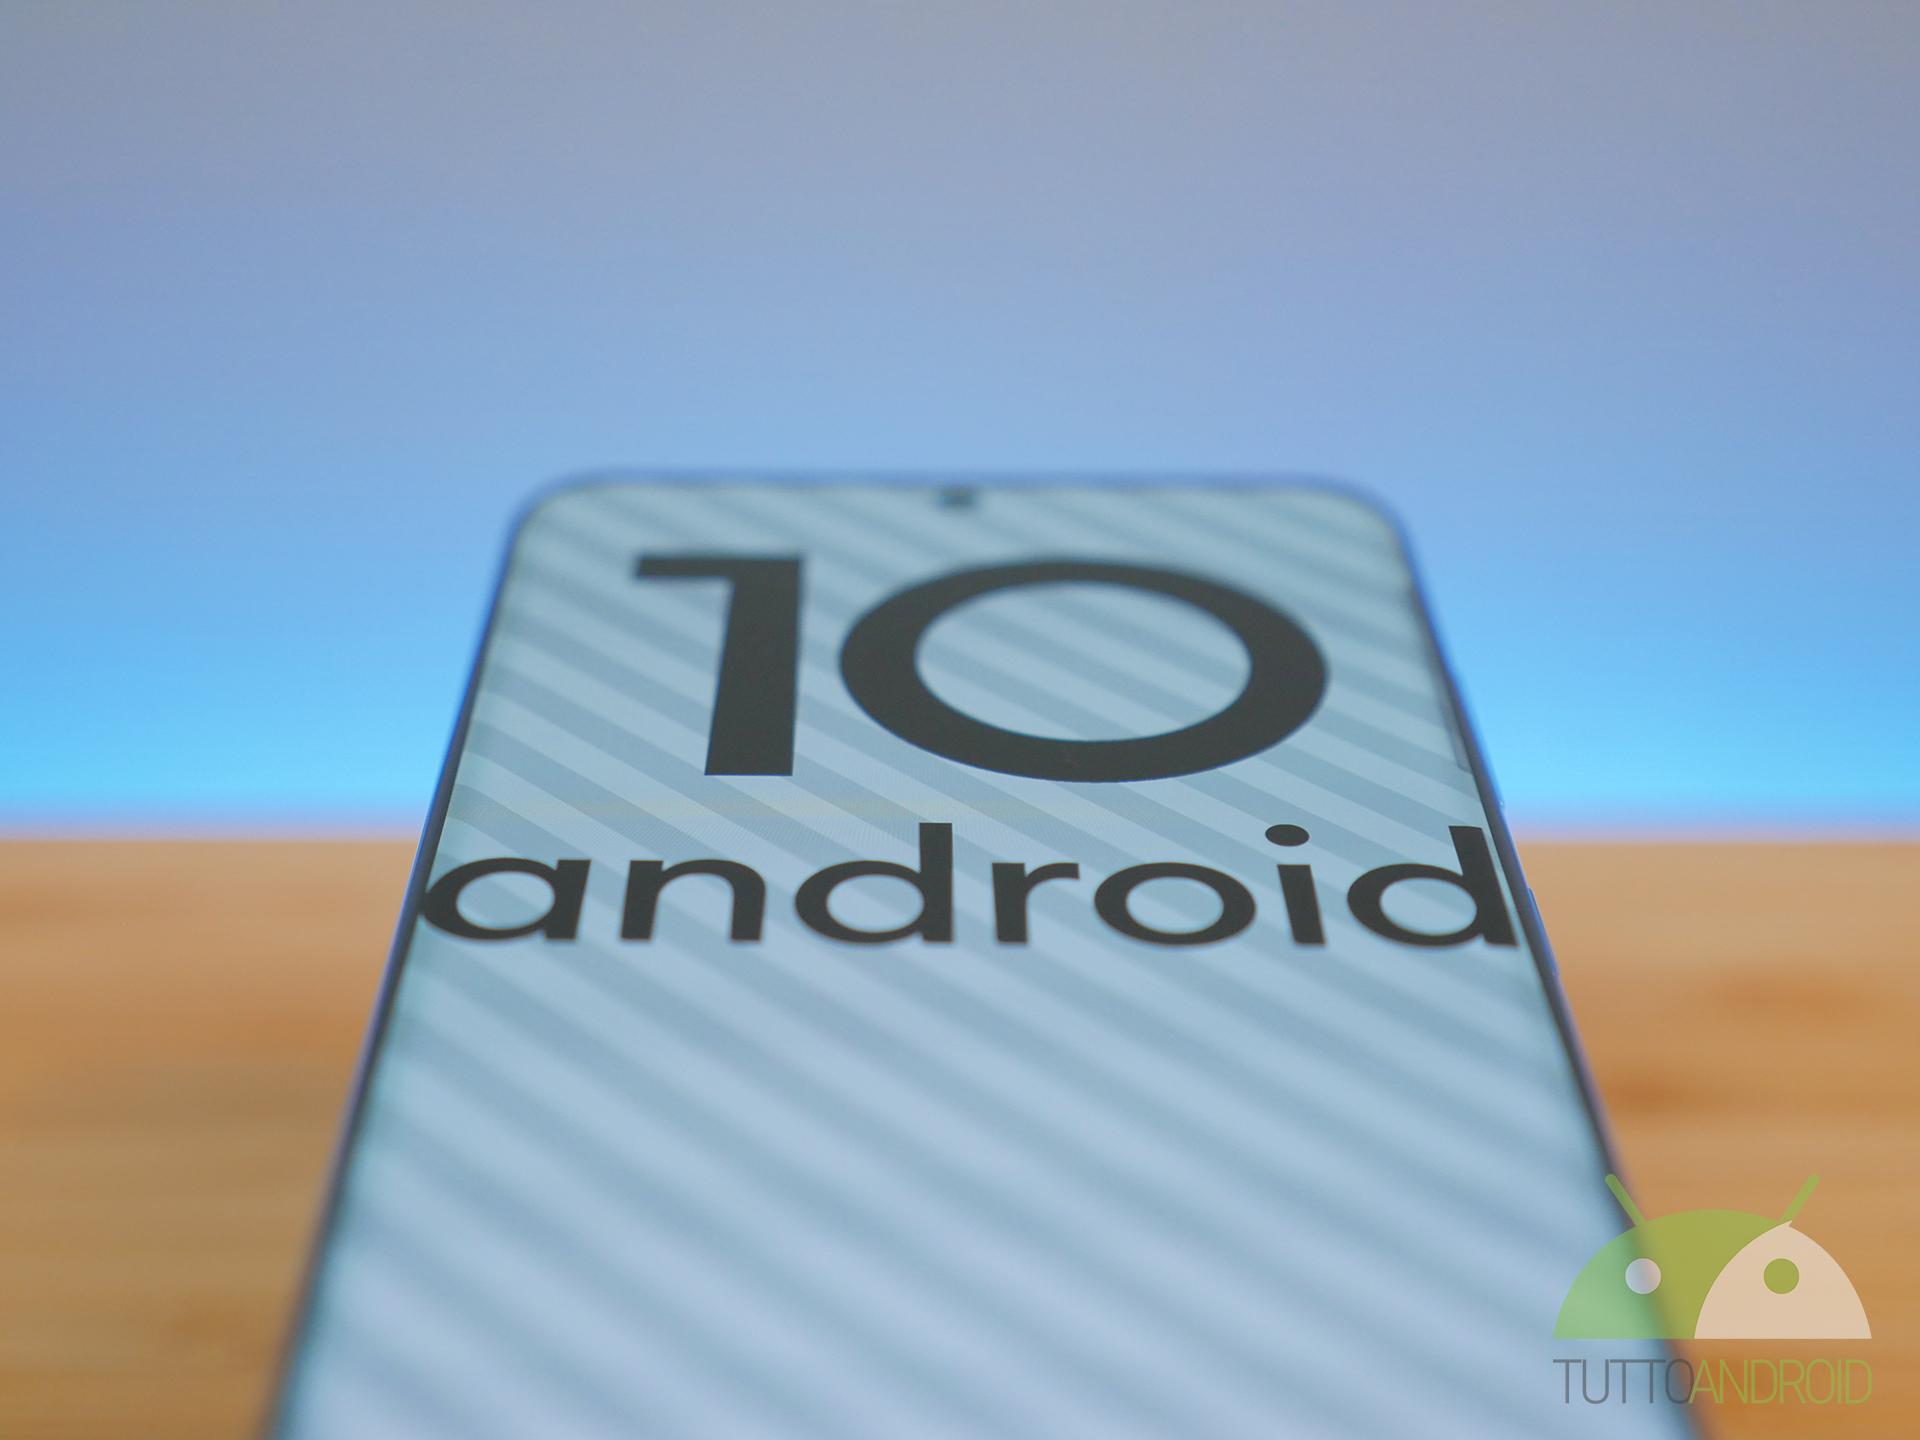 Cresce il tasso di adozione di Android 10, ma c'è ancora tanto lavoro da fare